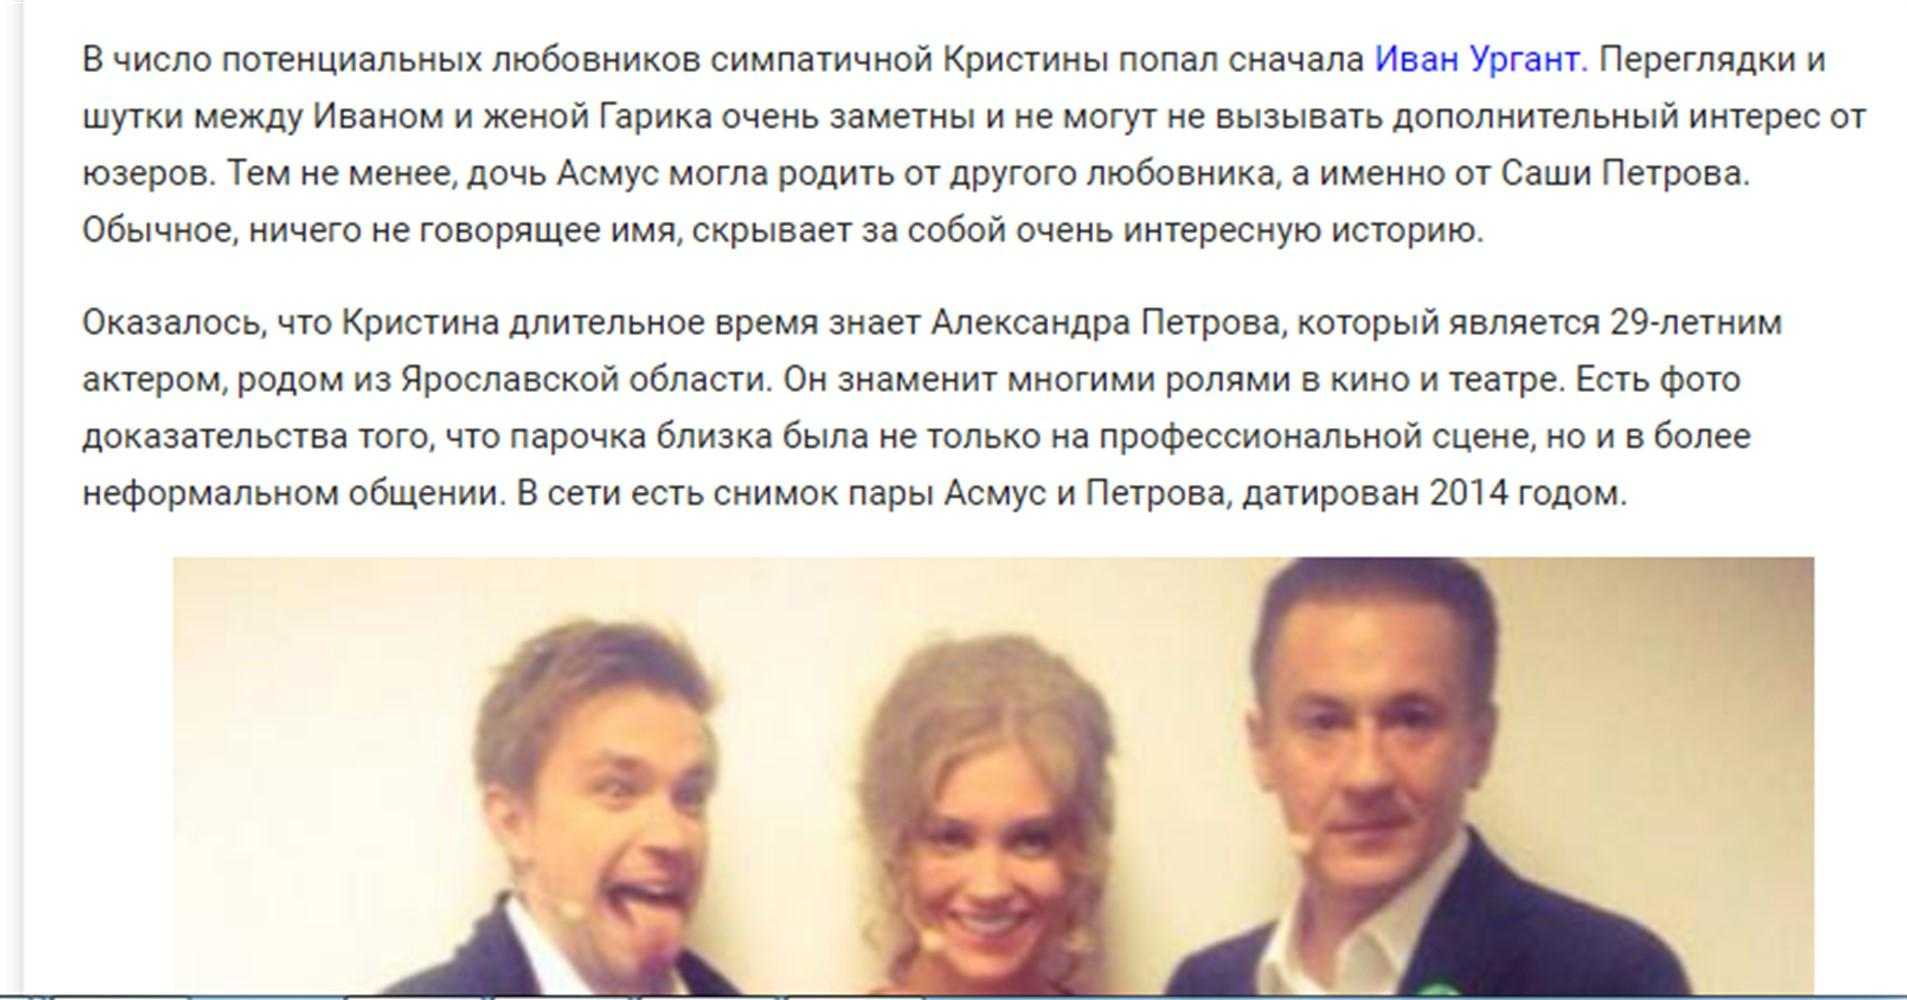 Кристина Асмус иГарик Харламов трогательно поздравили дочь спервым юбилеем